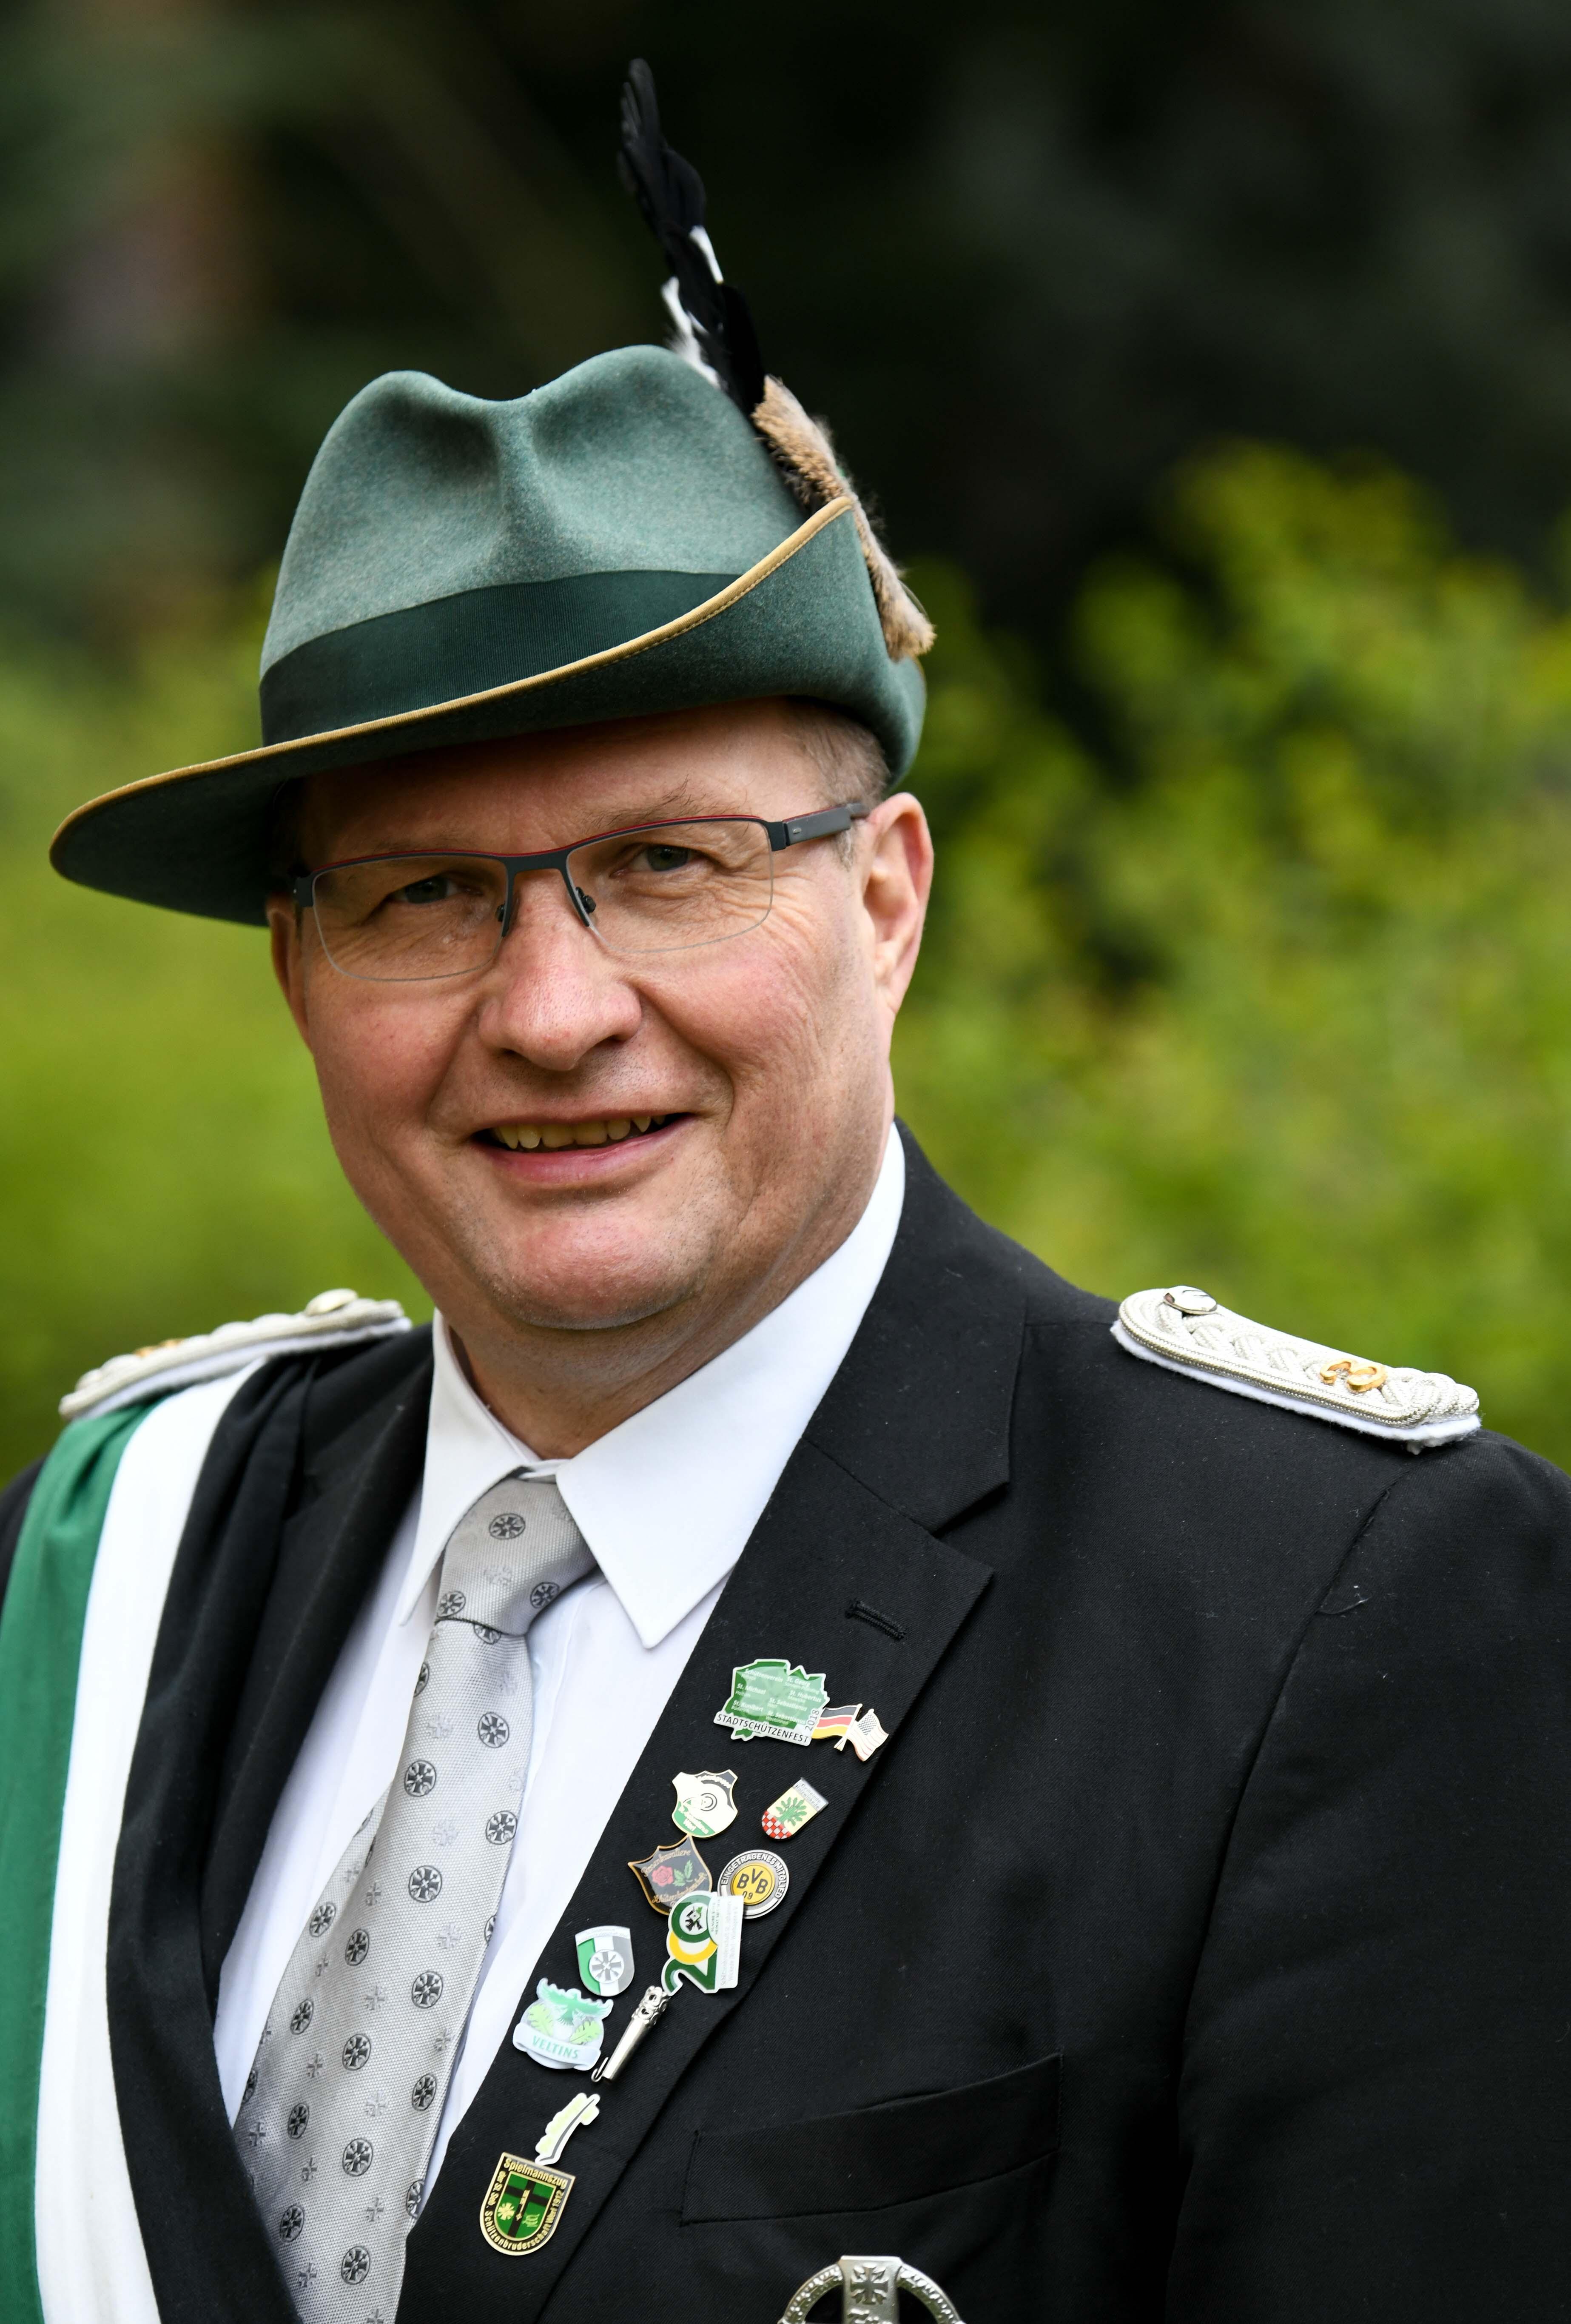 Martin Kollath